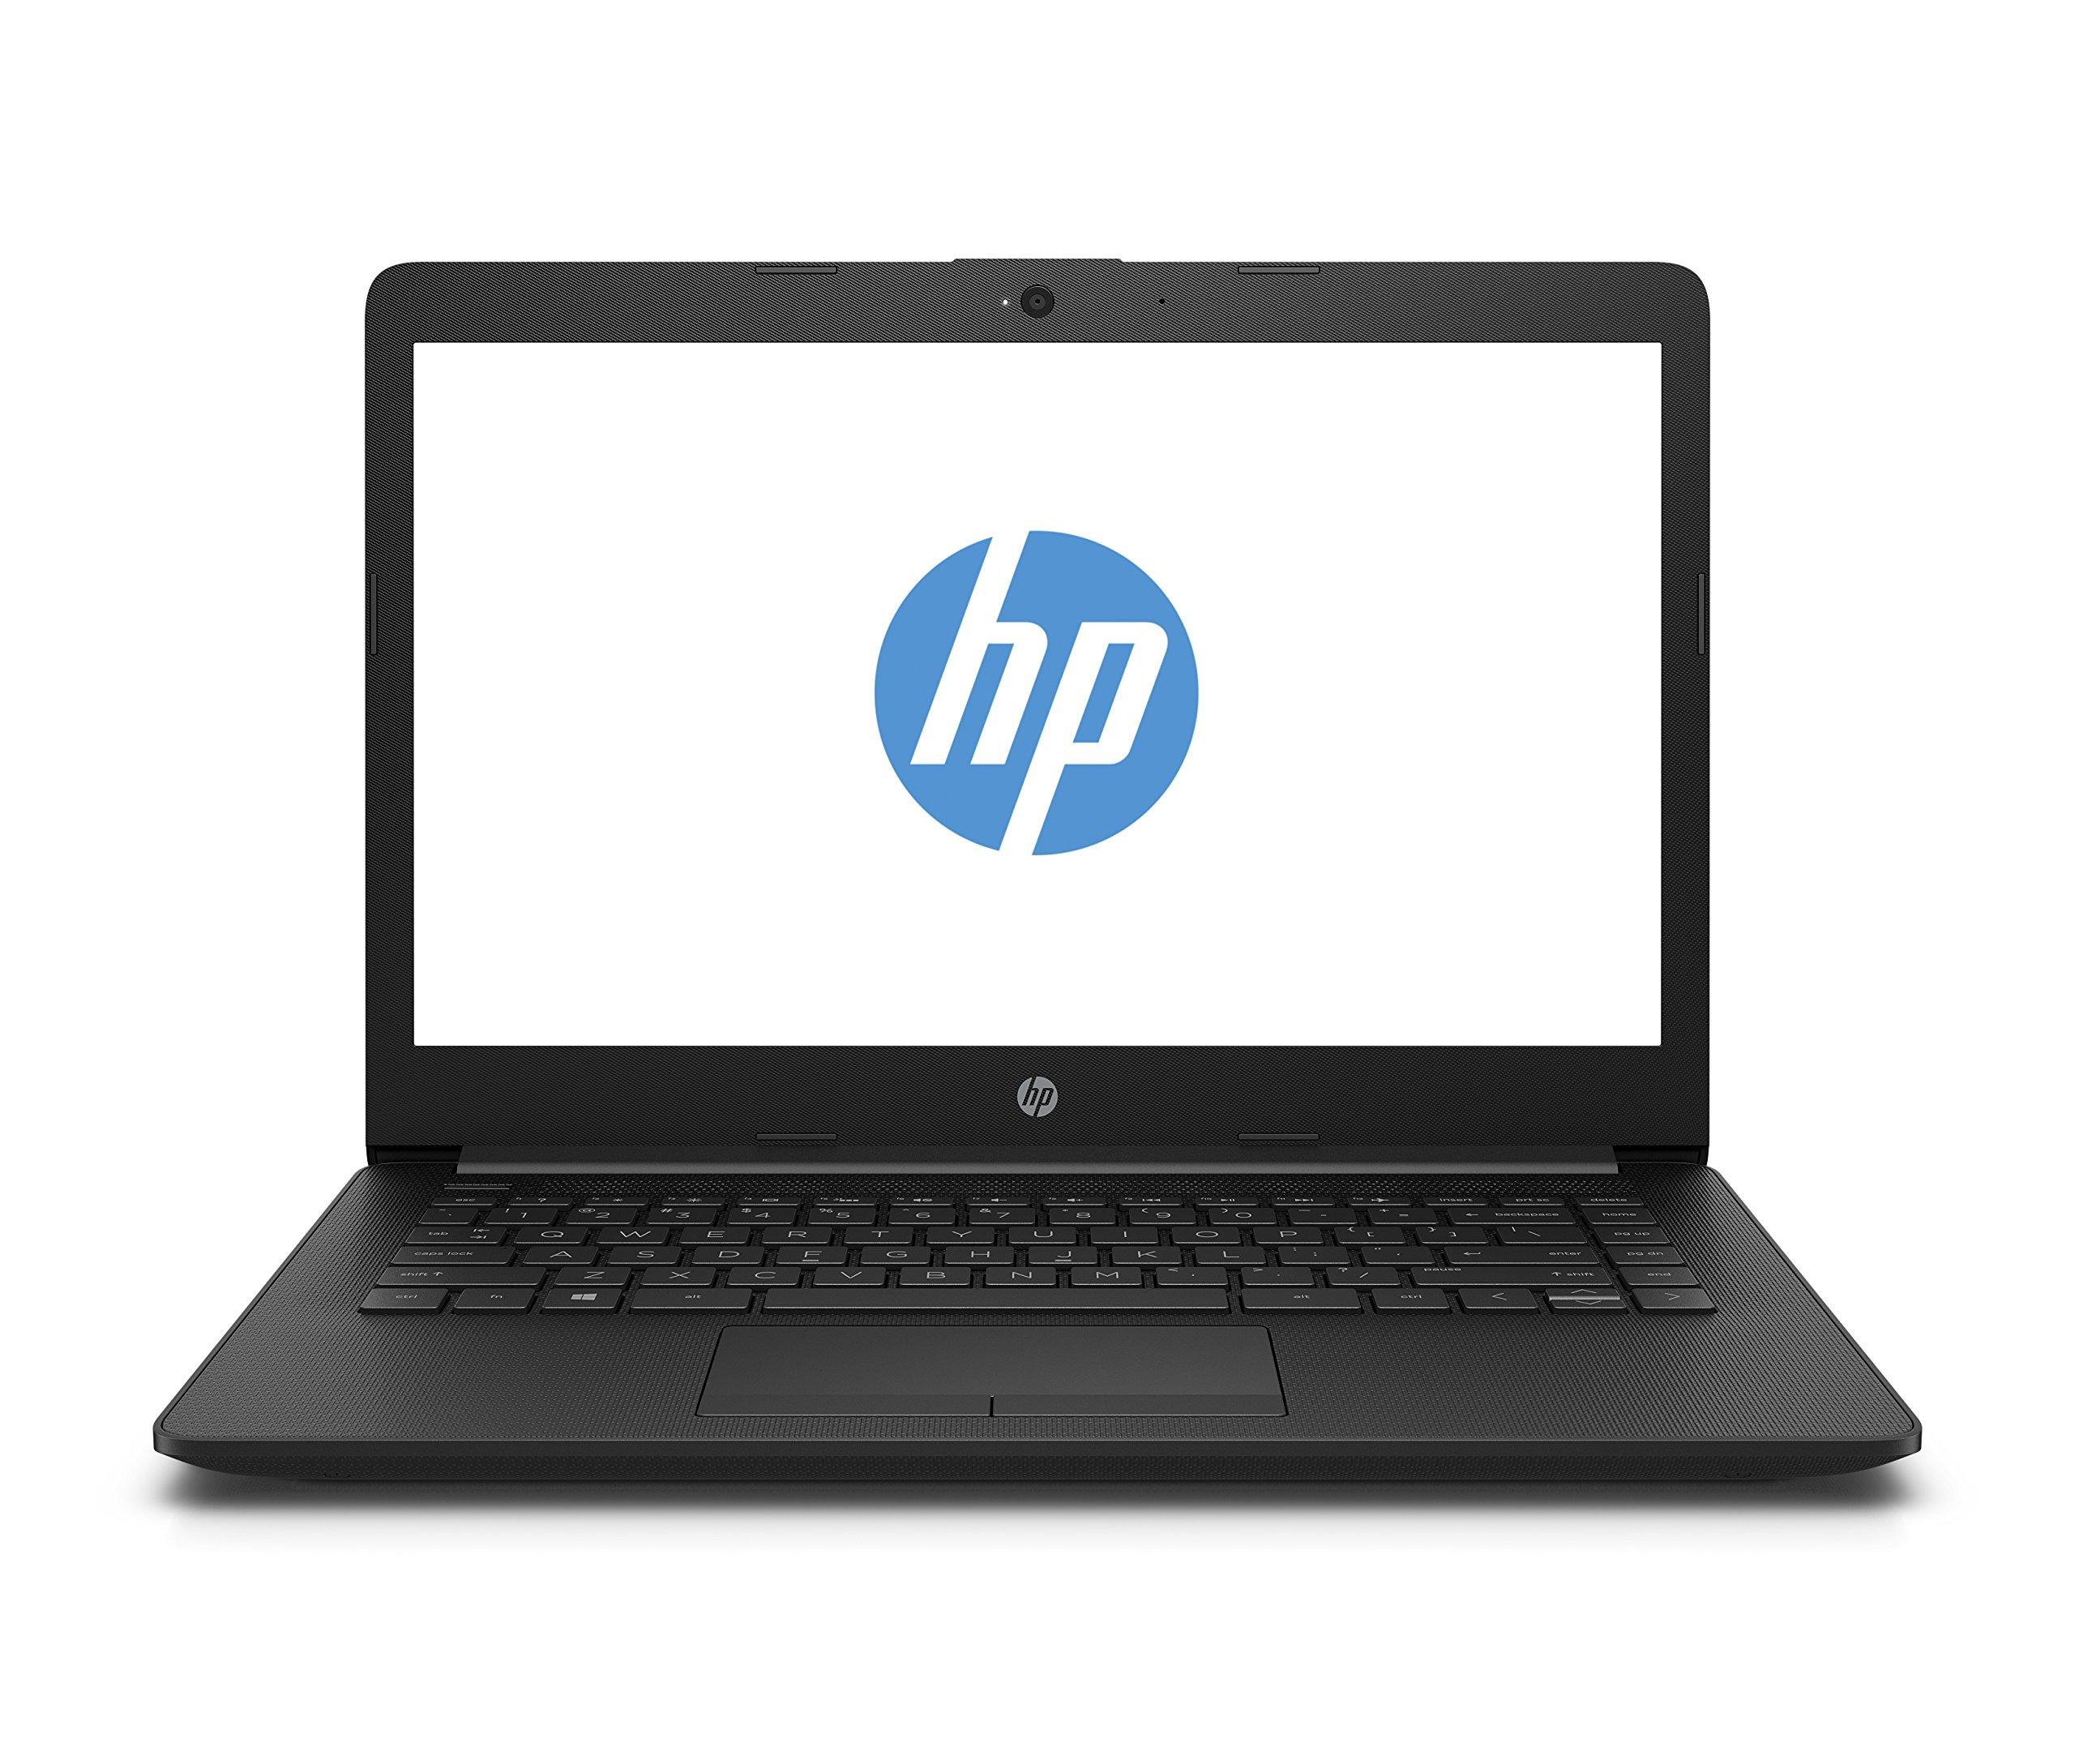 HP HP(14インチフルHD)ノートPC 5CT18EA#ABD Intel UHDグラフィックカード64 GB SSD